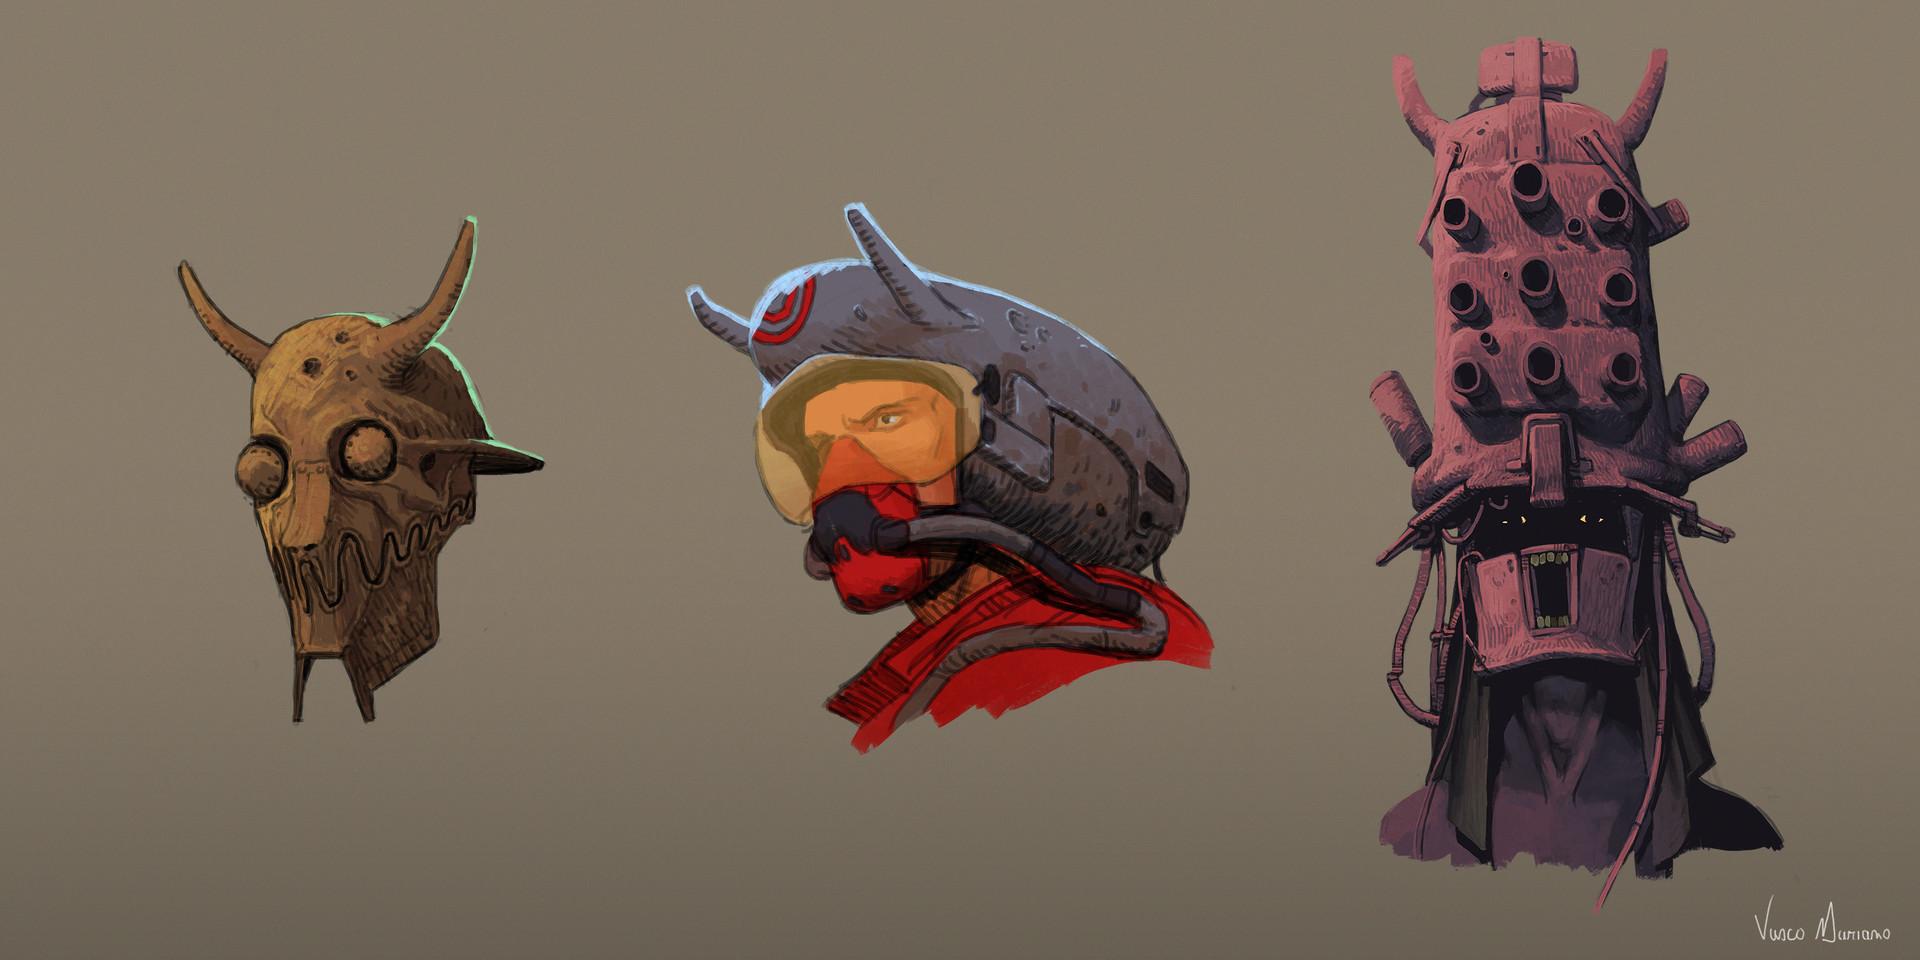 Vasco mariano capacetes 4